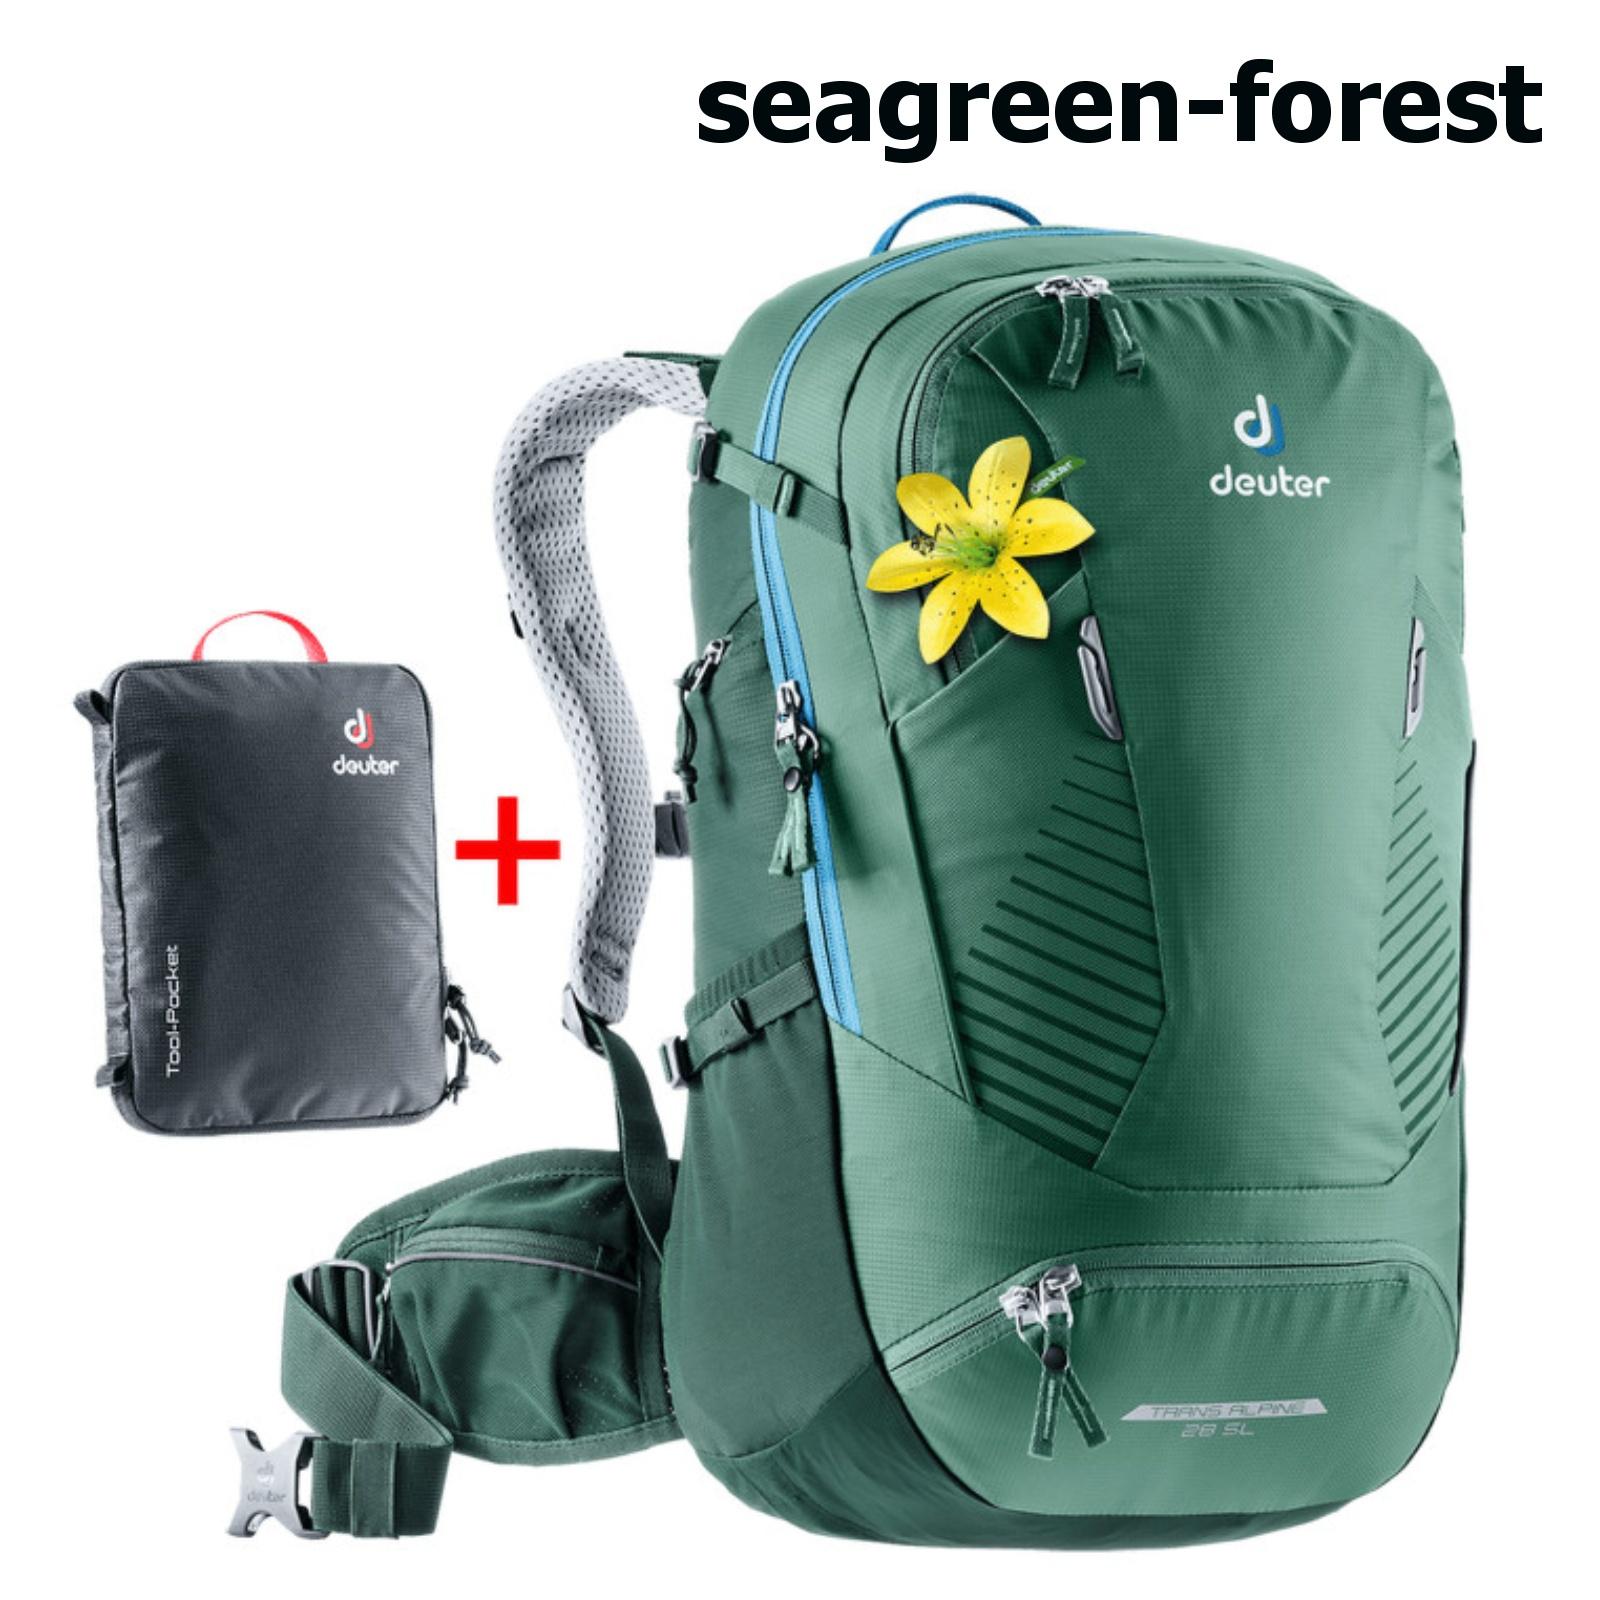 Deuter Trans Alpine 28 SL seagreen forest